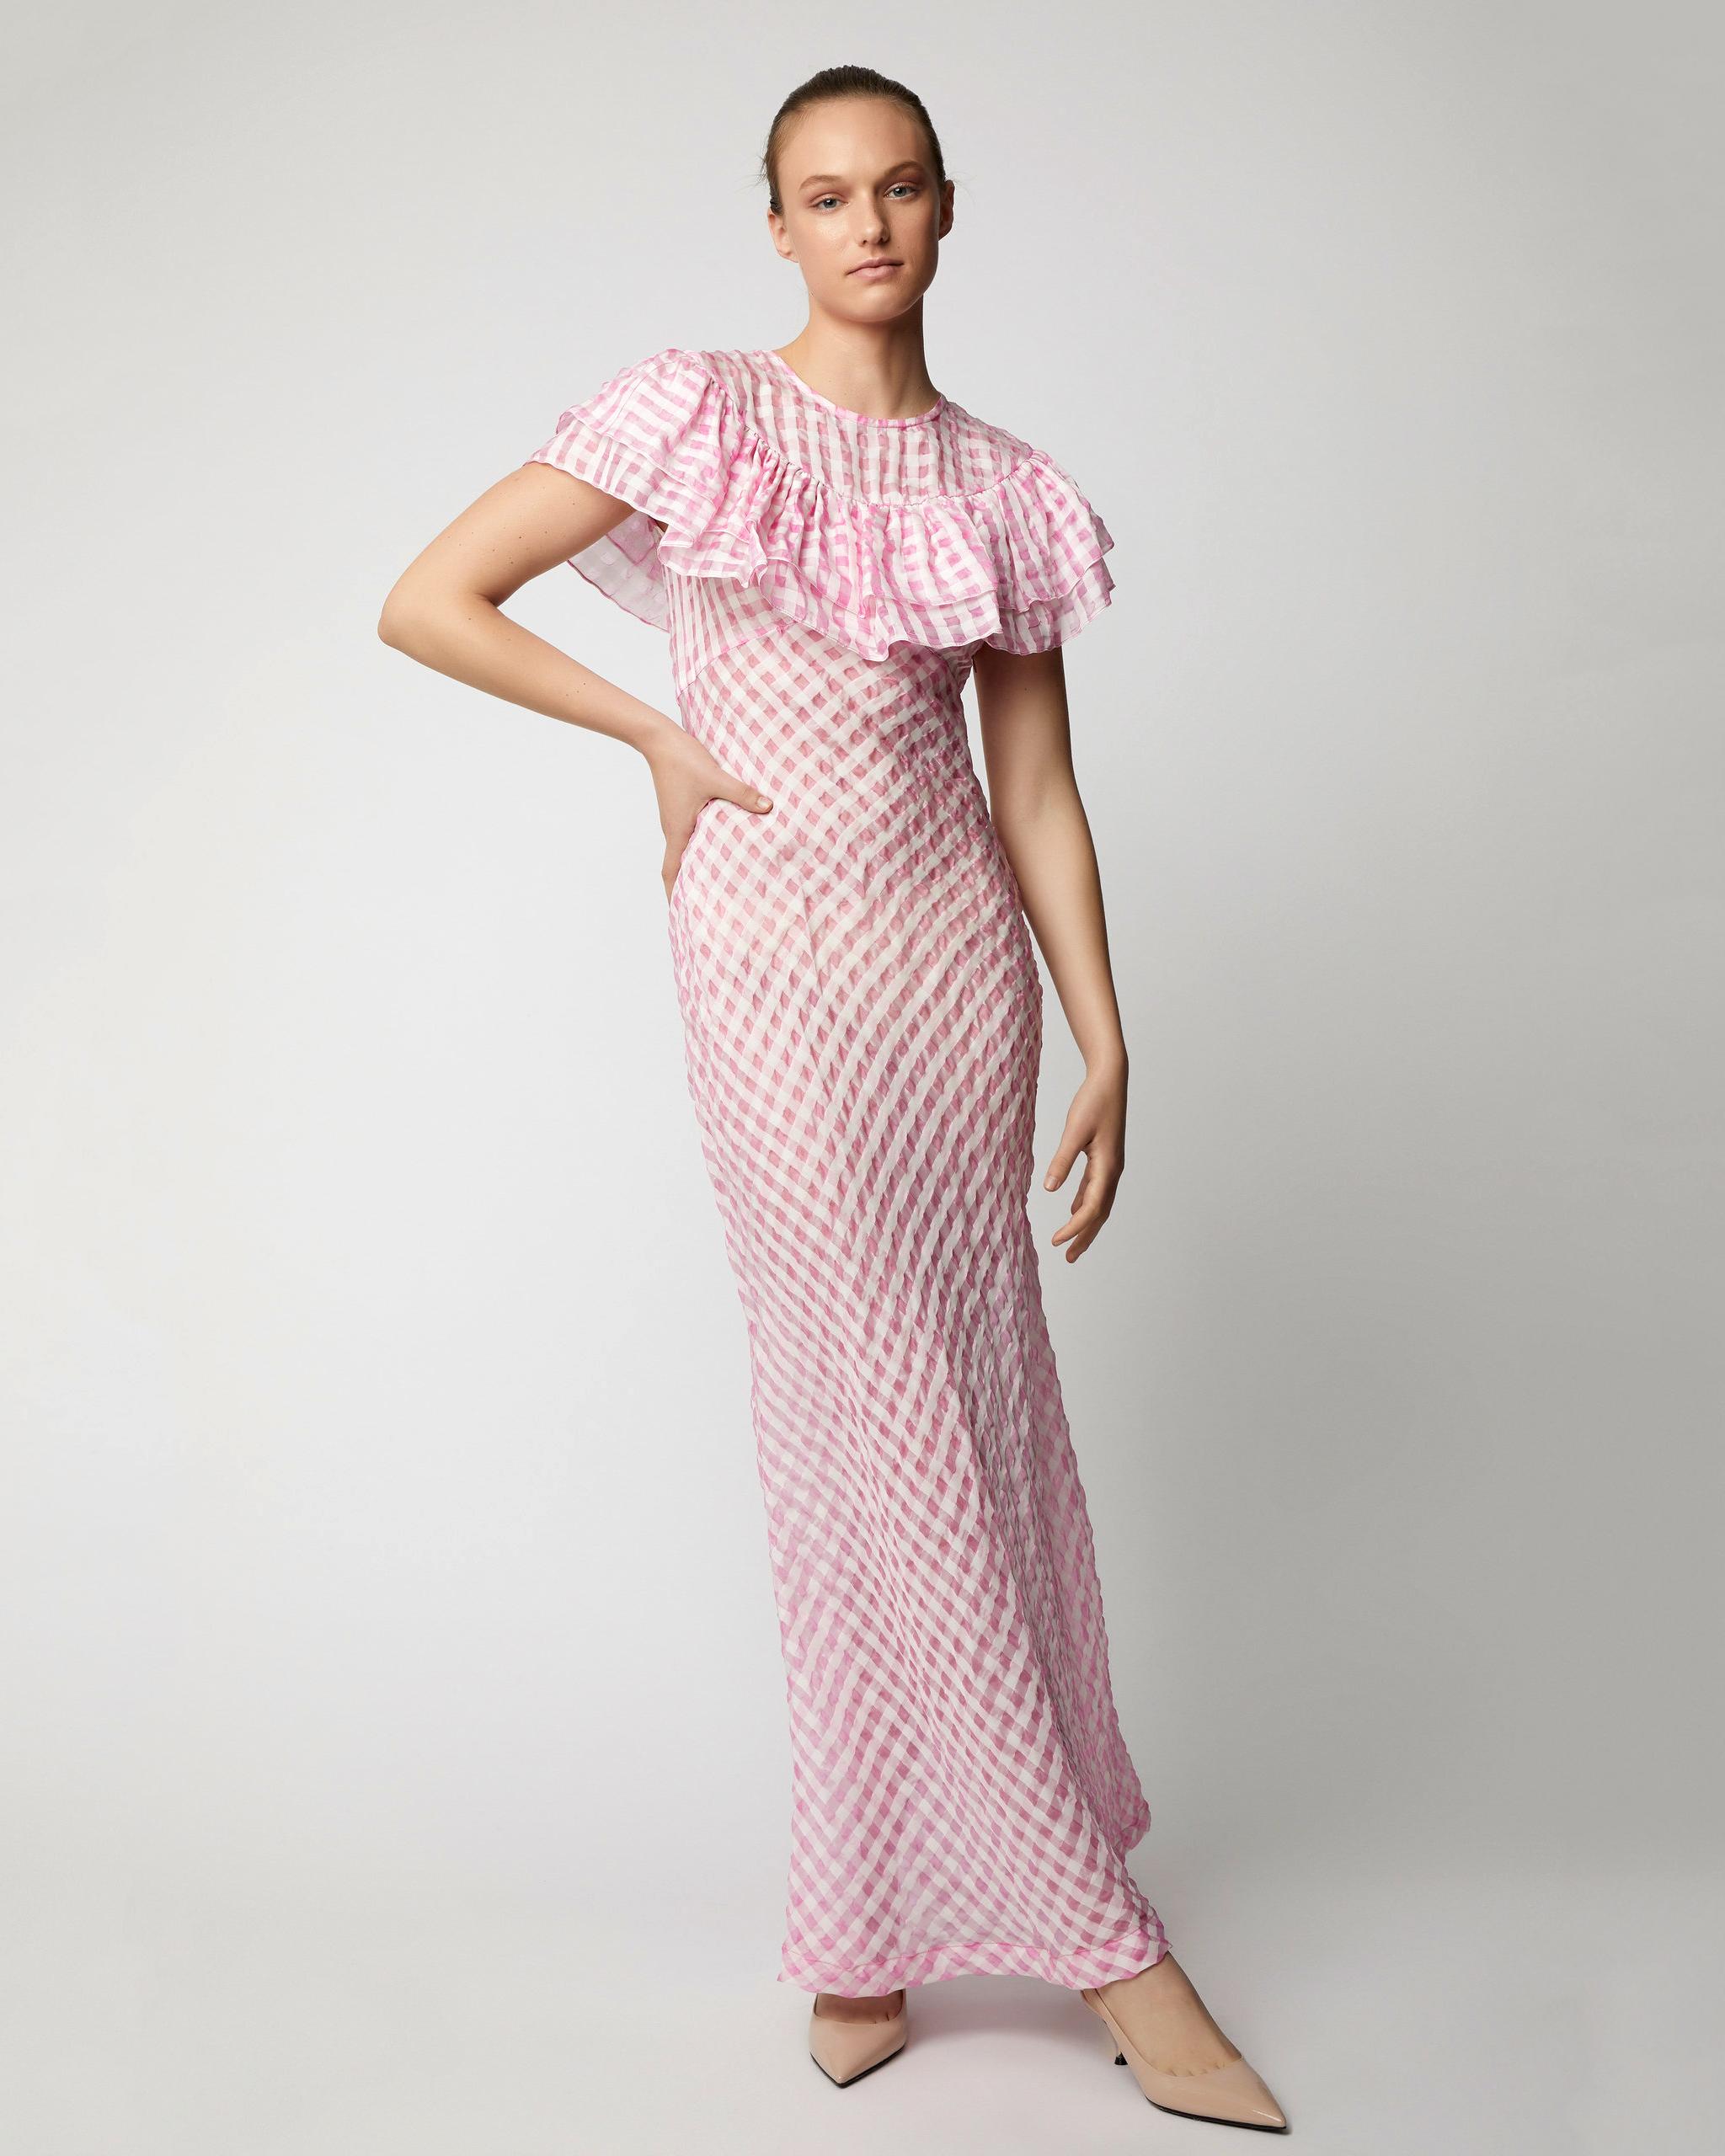 pink sheath bridesmaid ruffled dress